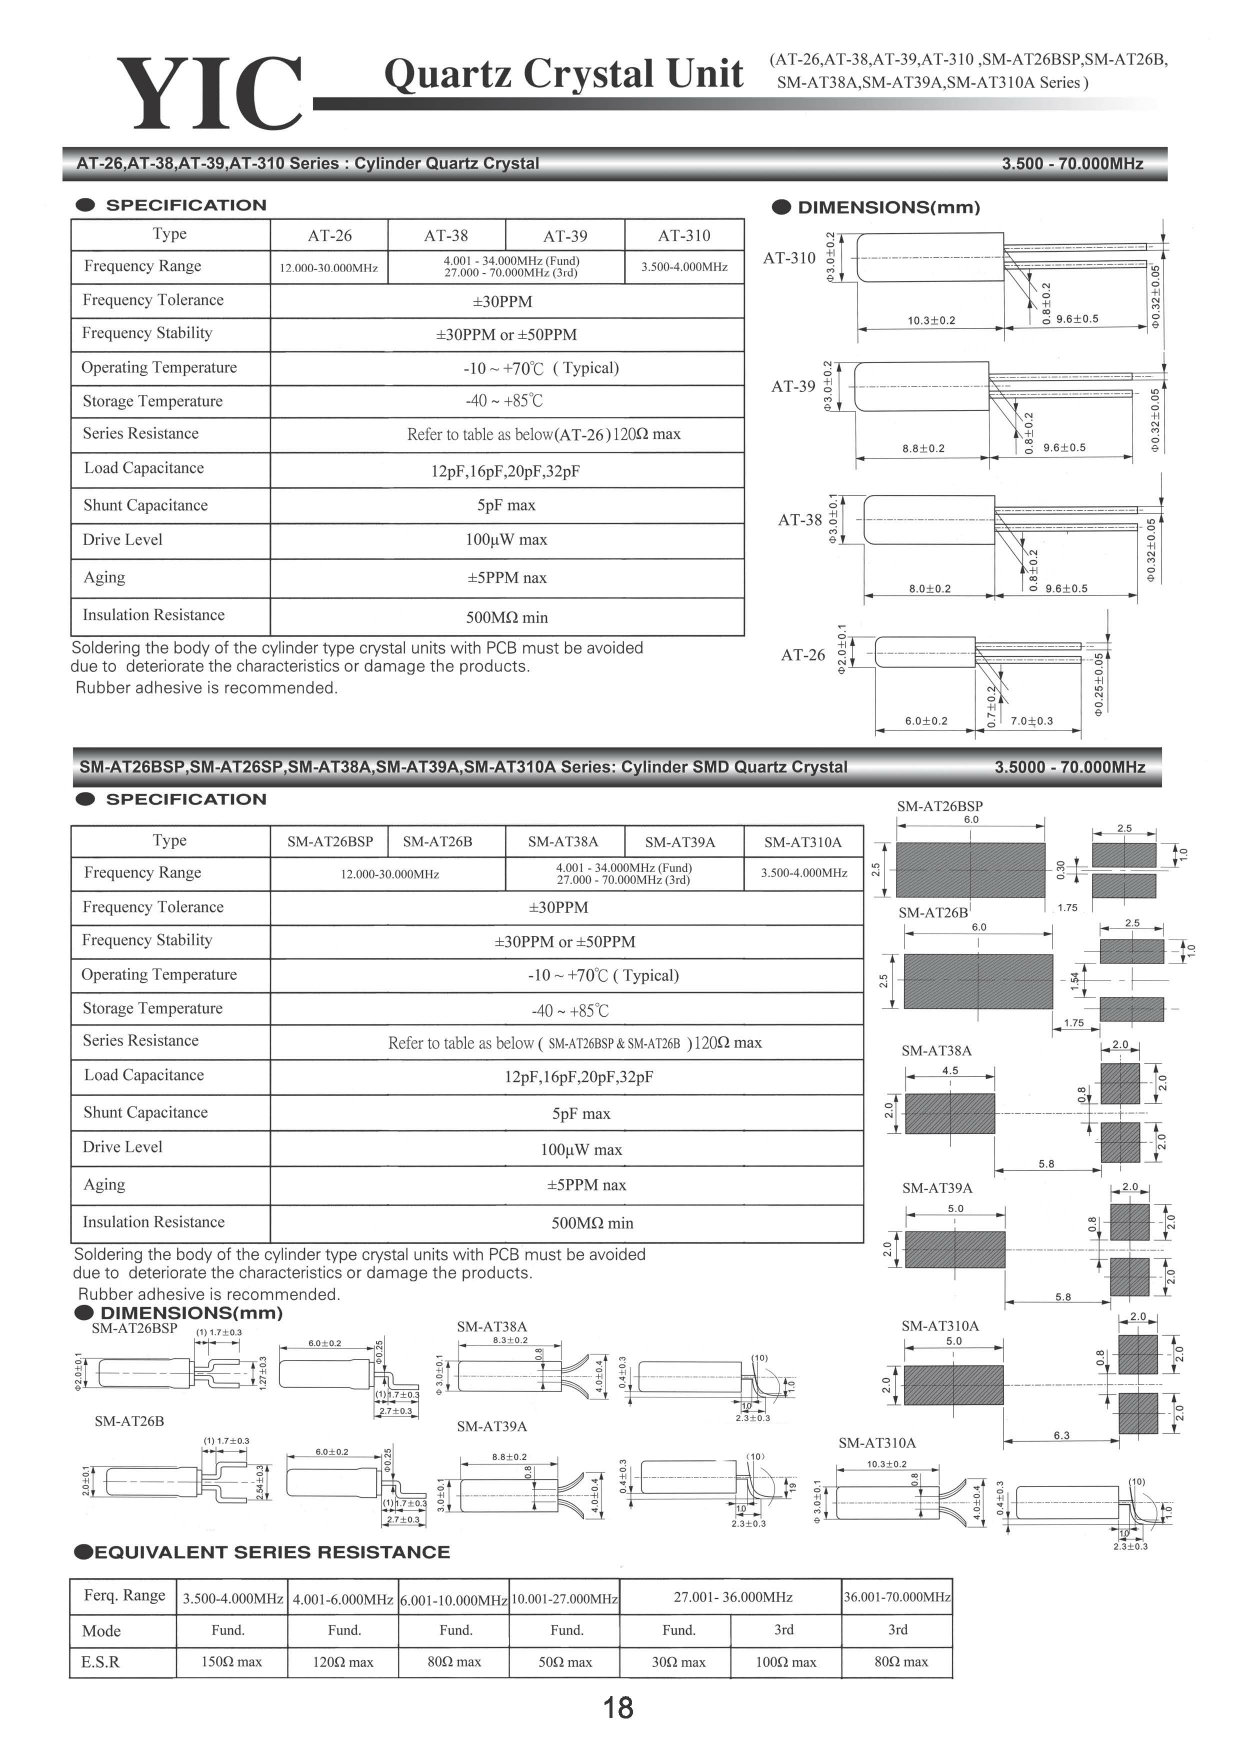 AT-26 Datasheet, ピン配置, 機能